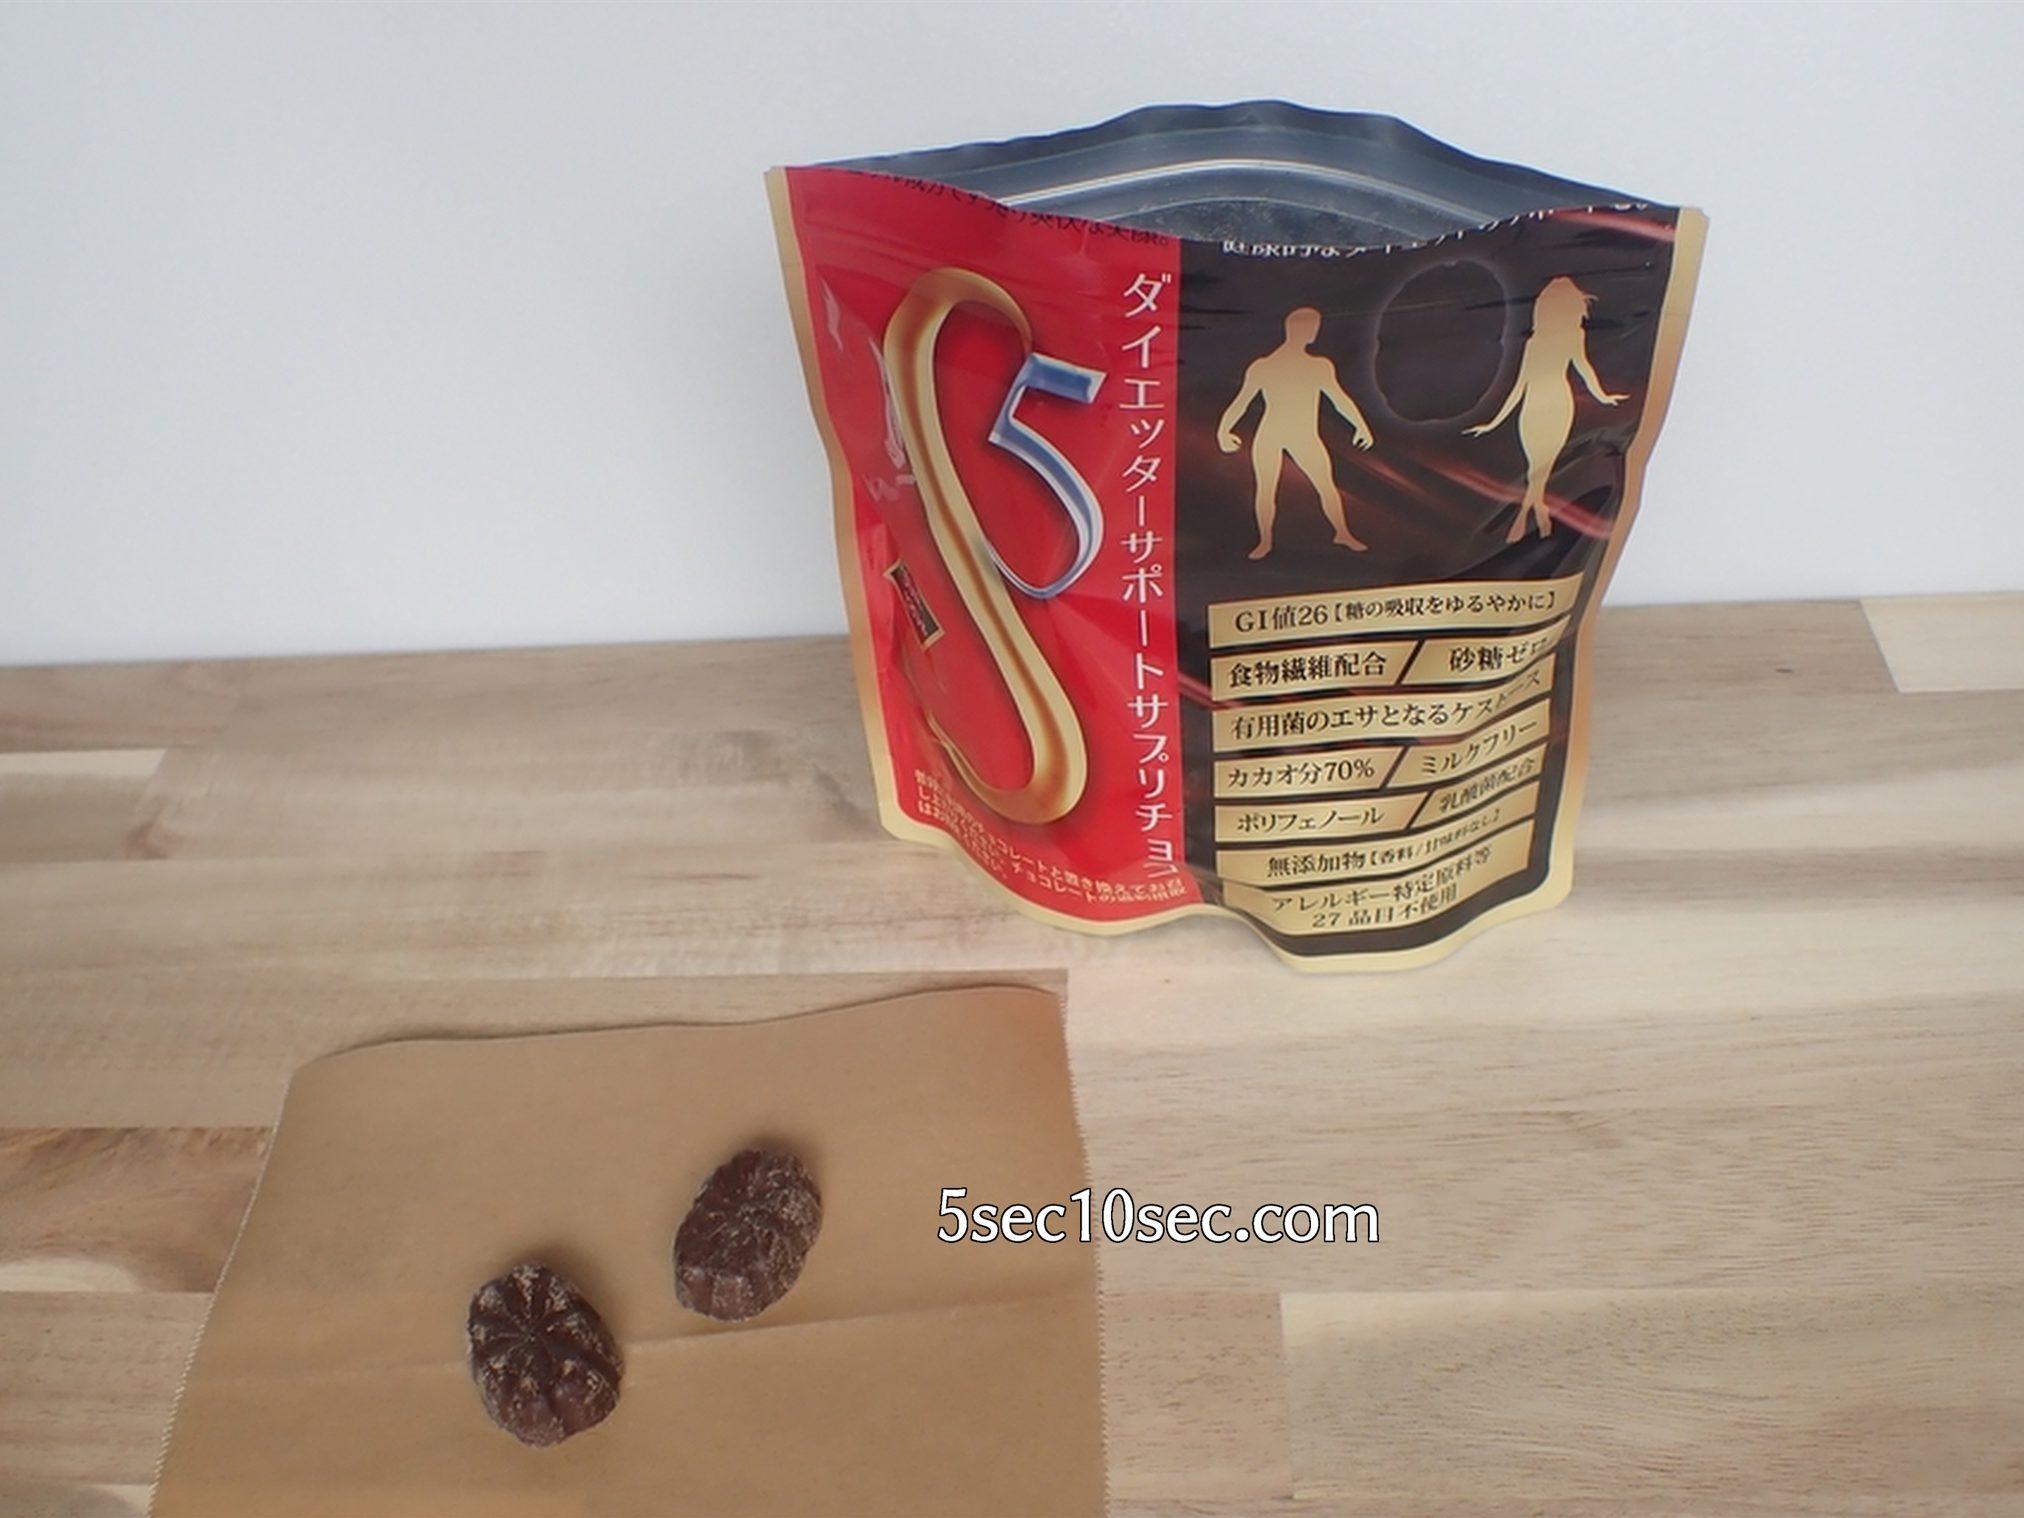 ジャパンウィメンズコレクション S5ダイエッターサポートサプリチョコ スリムGOチョコ 中身のチョコレートの写真